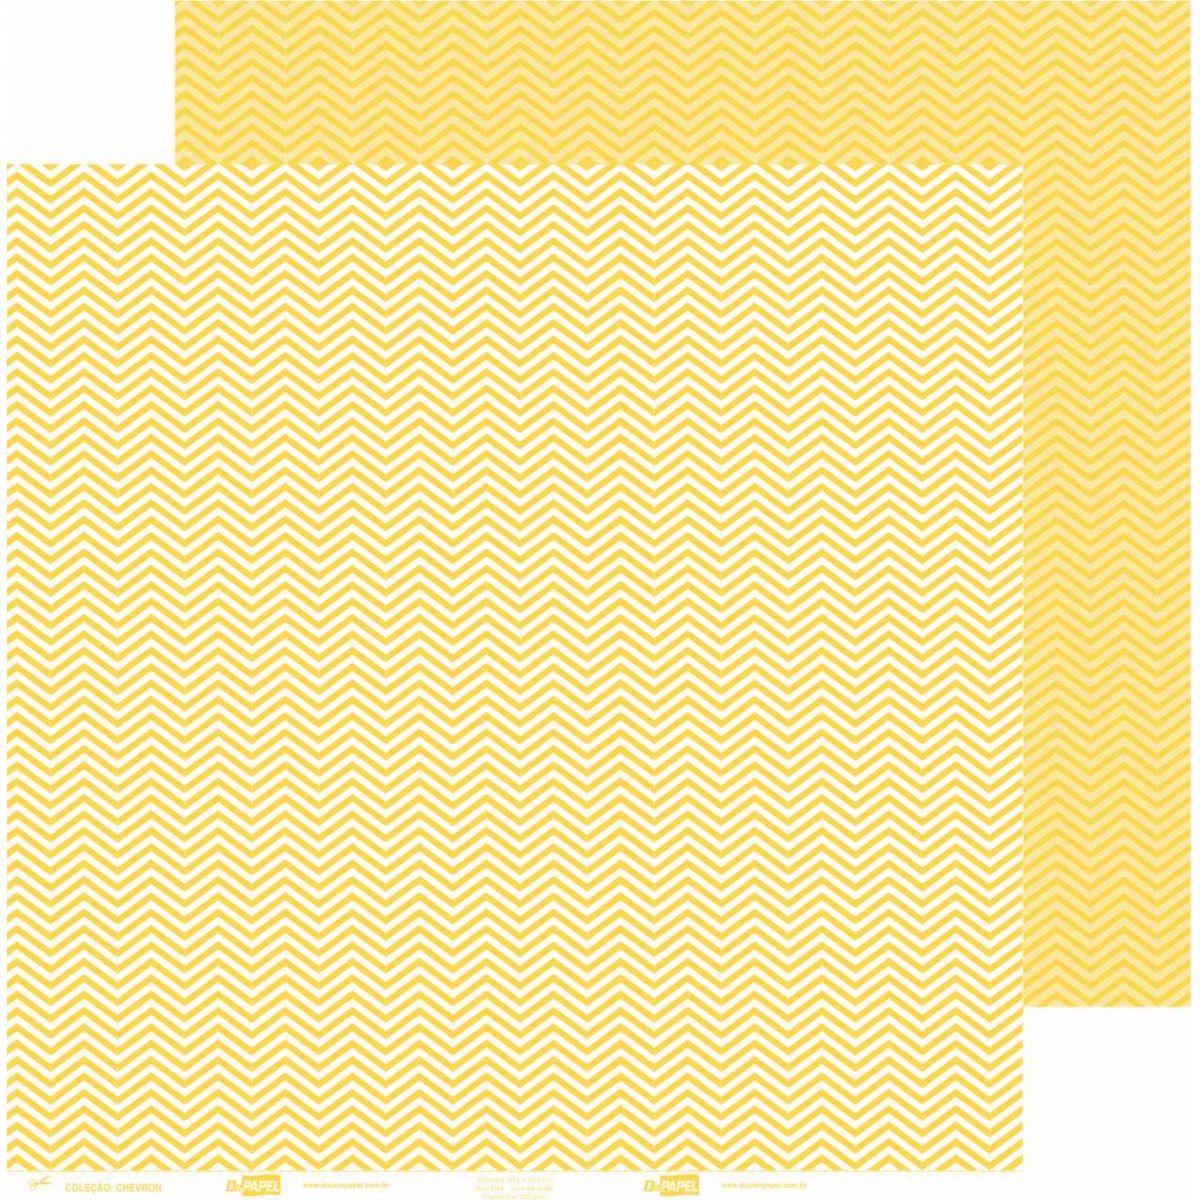 Papel ScrapPaper Dr Papel - chevron - Amarelo Rio de Janeiro - com 3 folhas